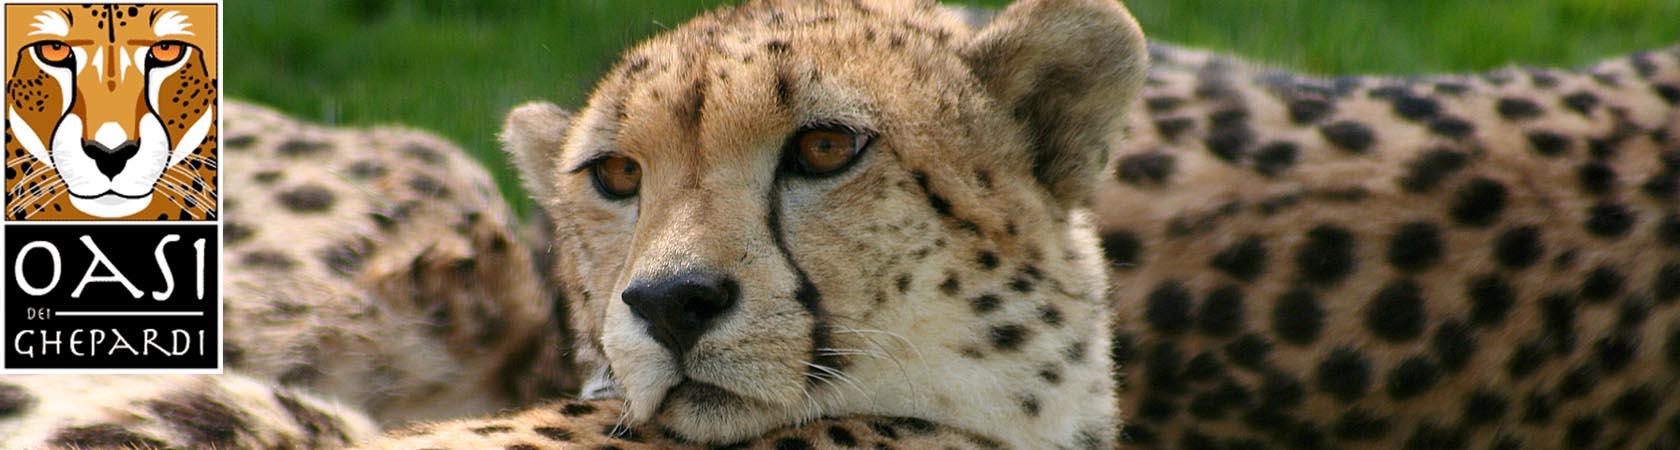 oasi-dei-ghepardi-parco-faunistico-le-cornelle01